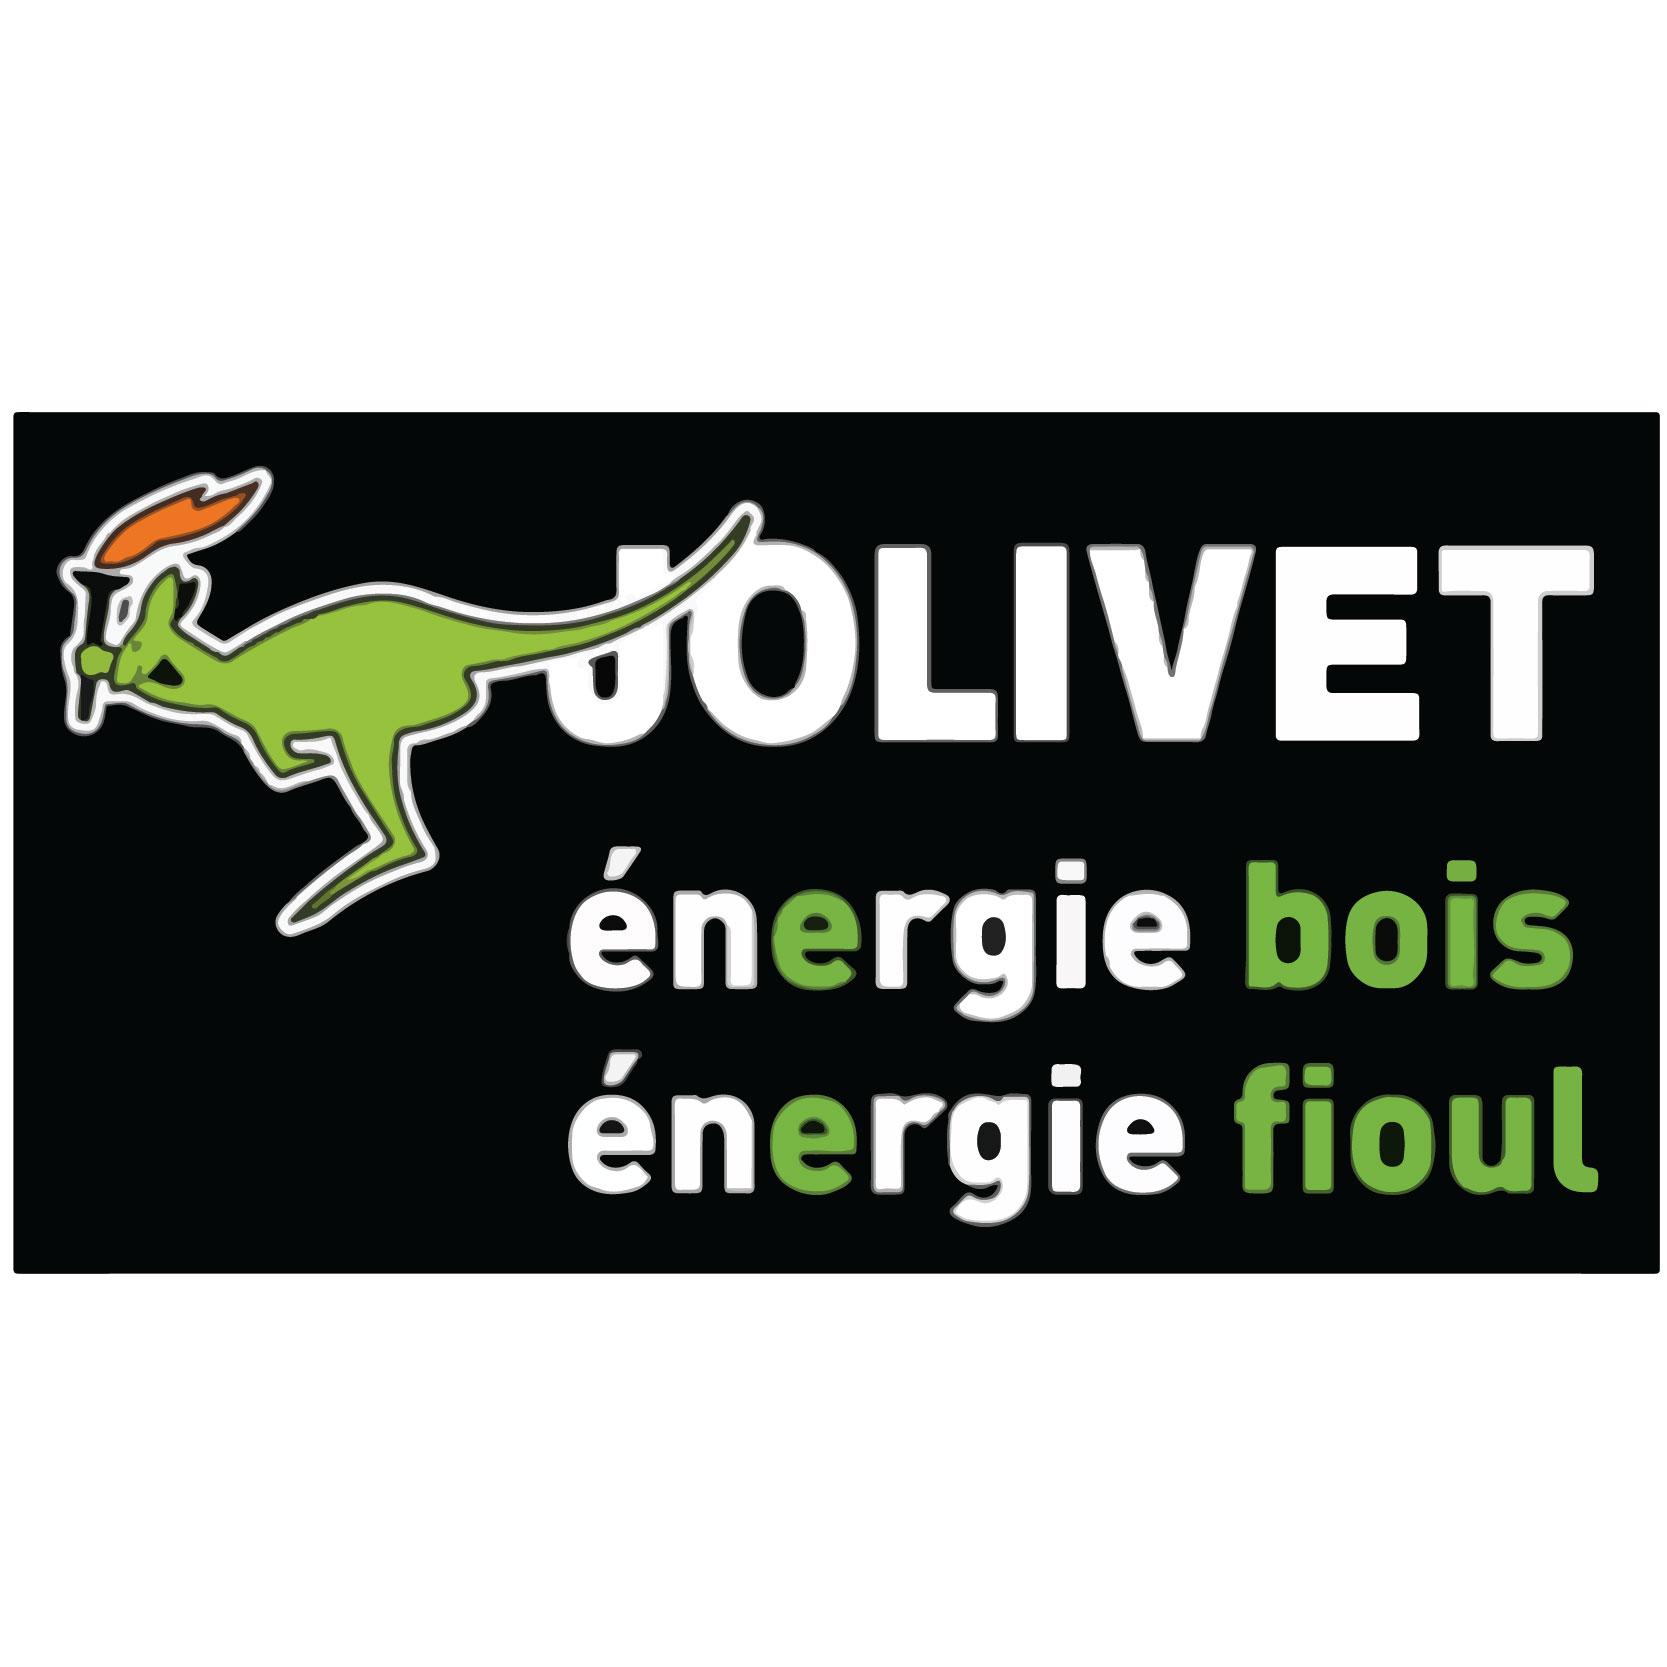 JOLIVET